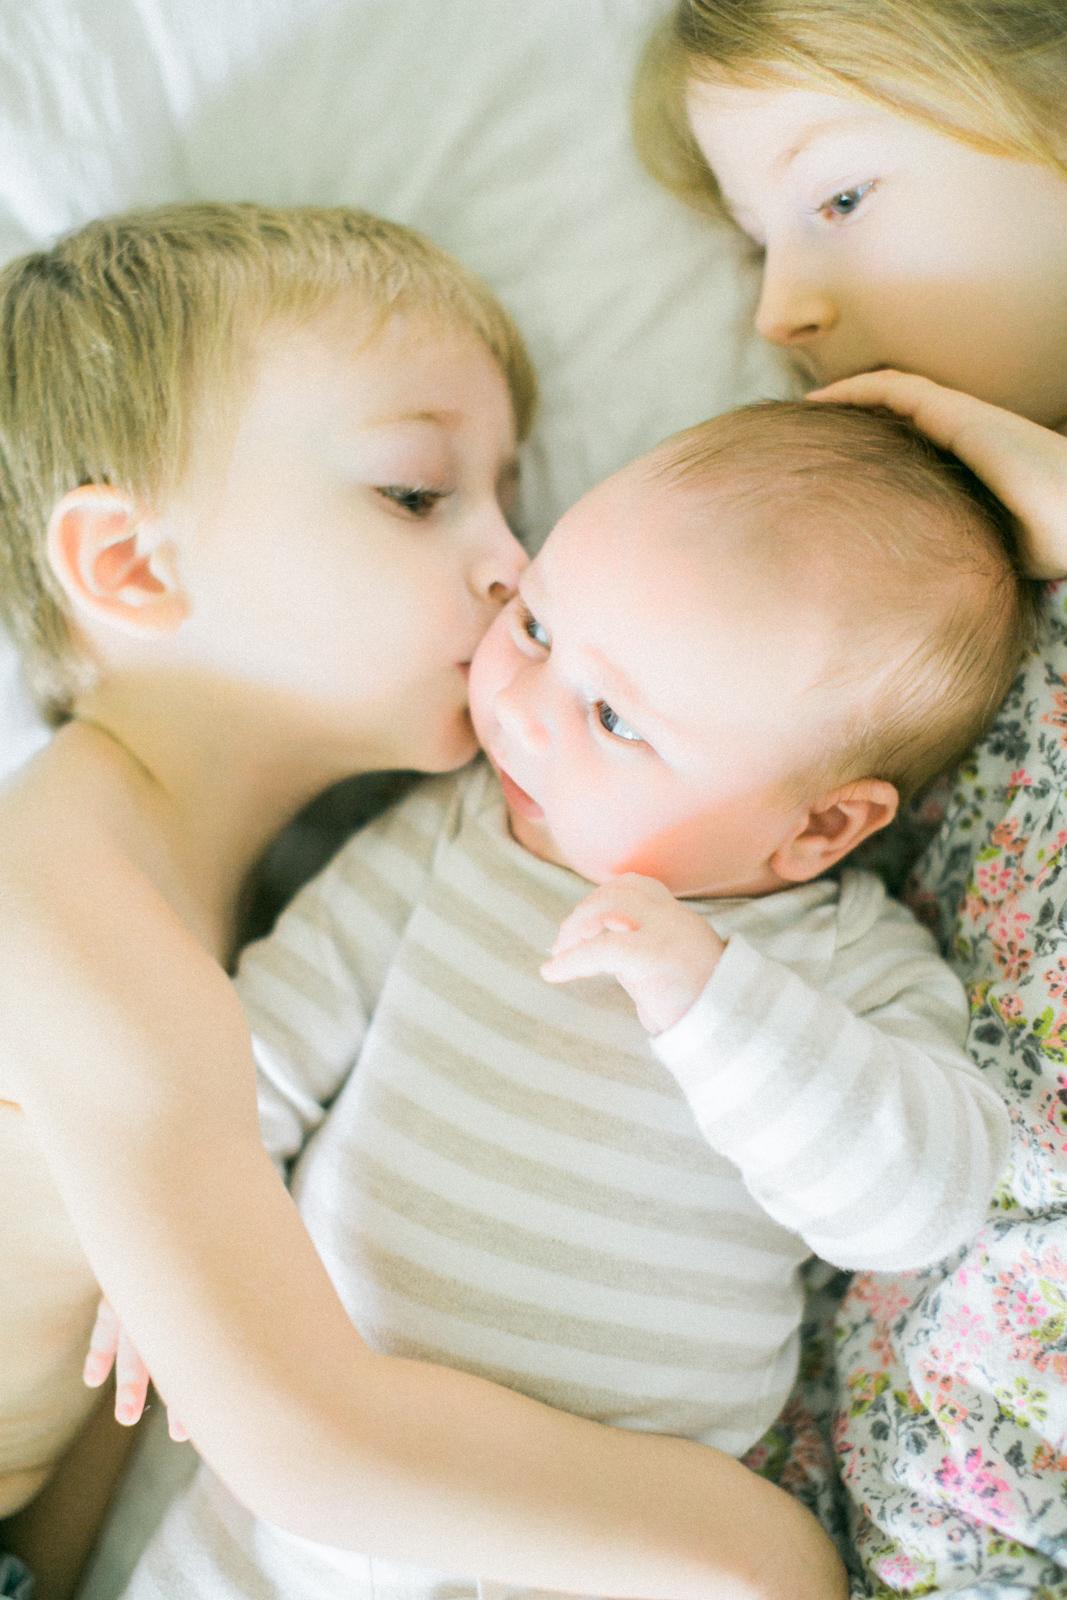 boise-newborn-photographer-1.jpg